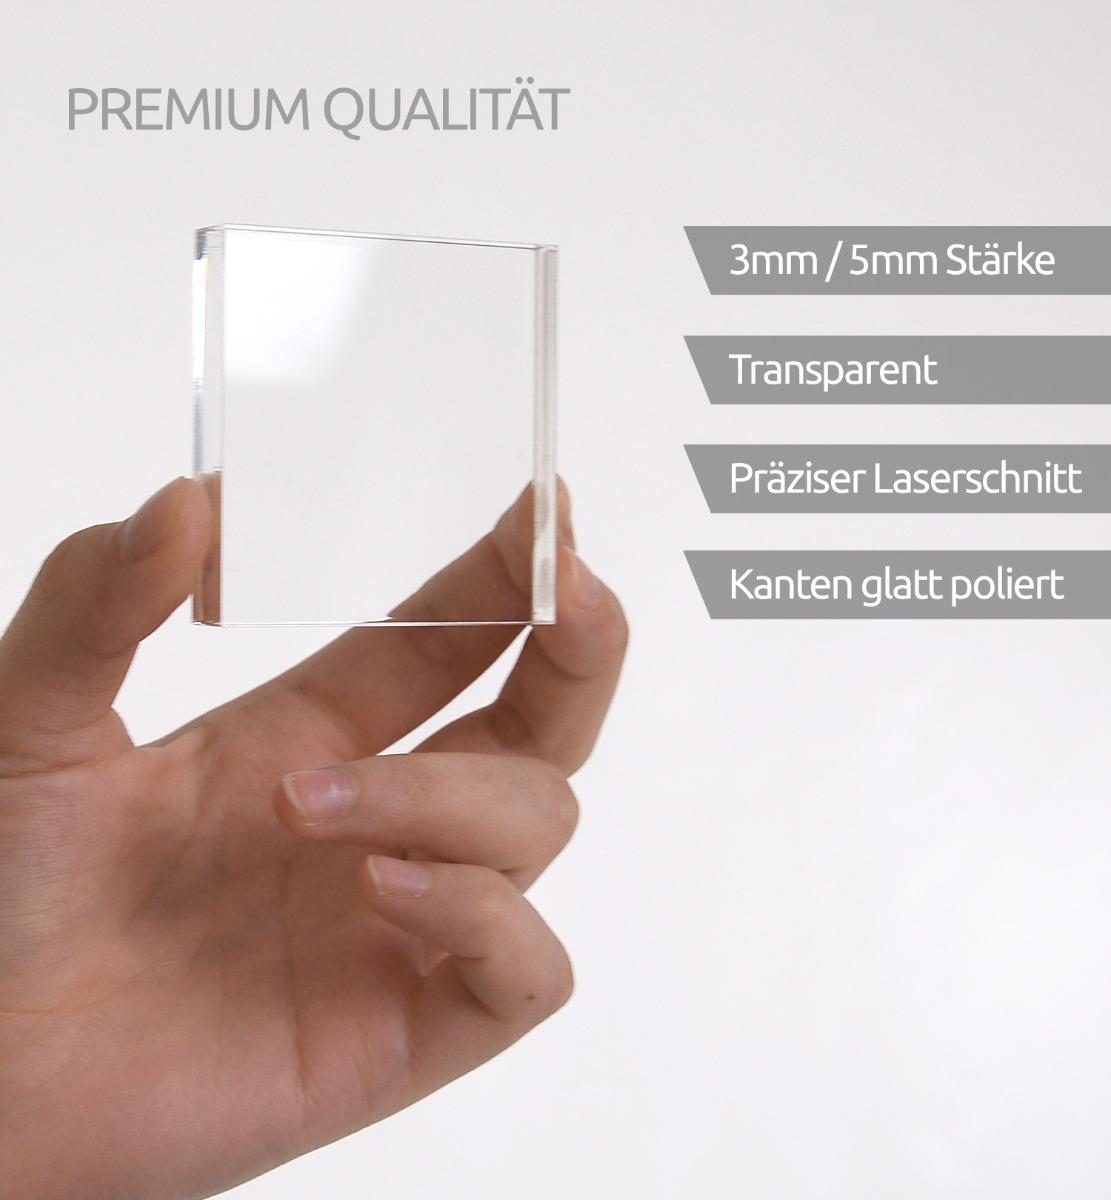 Acrylglasplatte - Vorteile